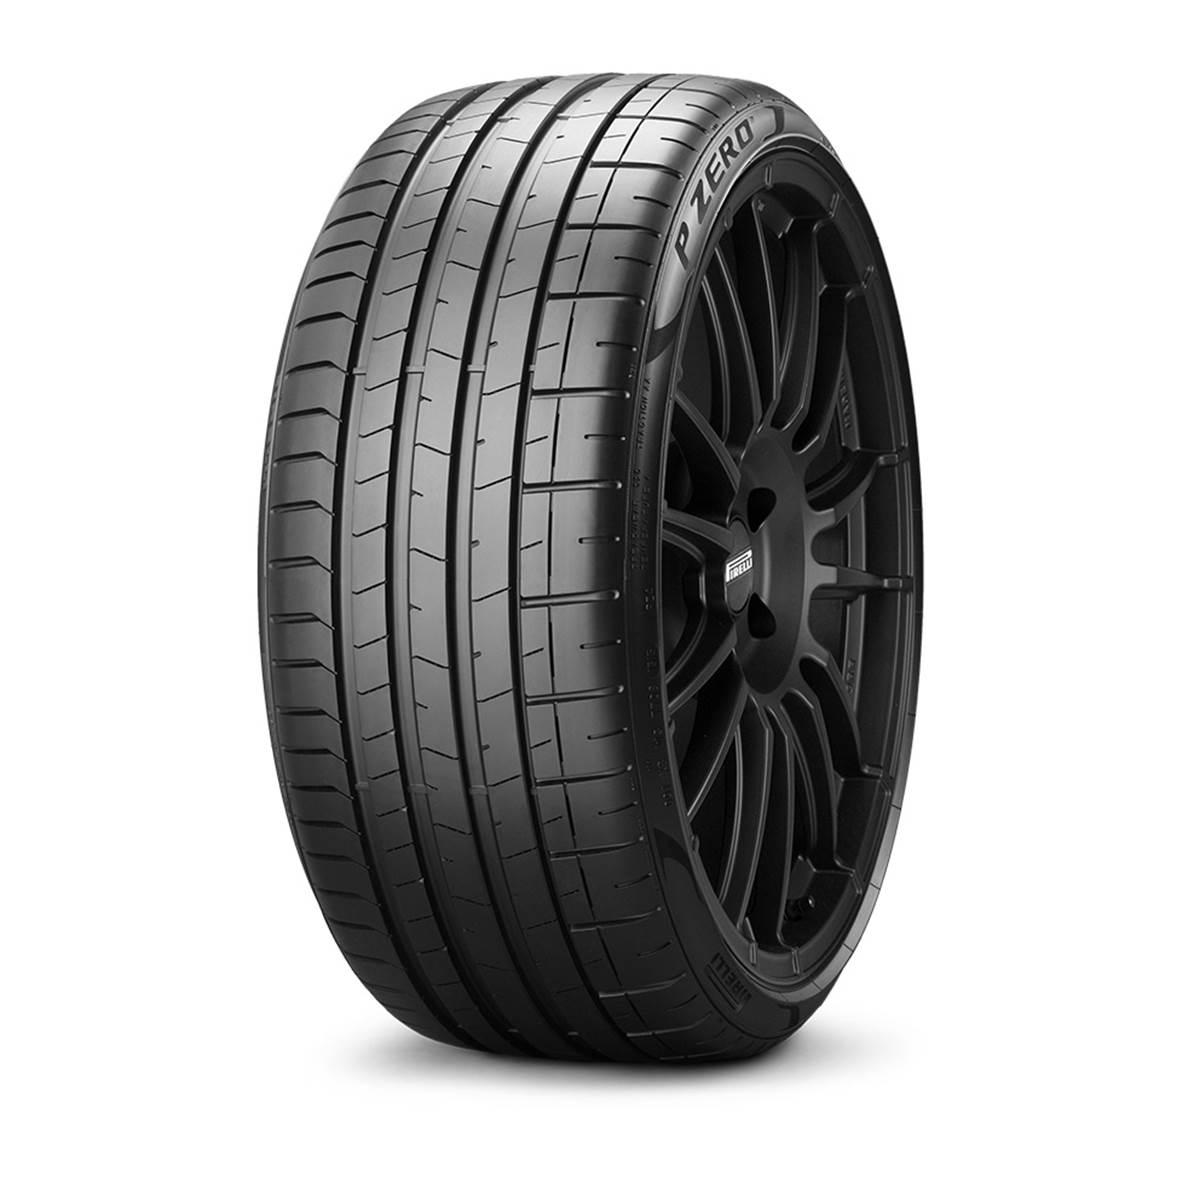 Pneu Runflat Pirelli 225/45R19 92W Pzero